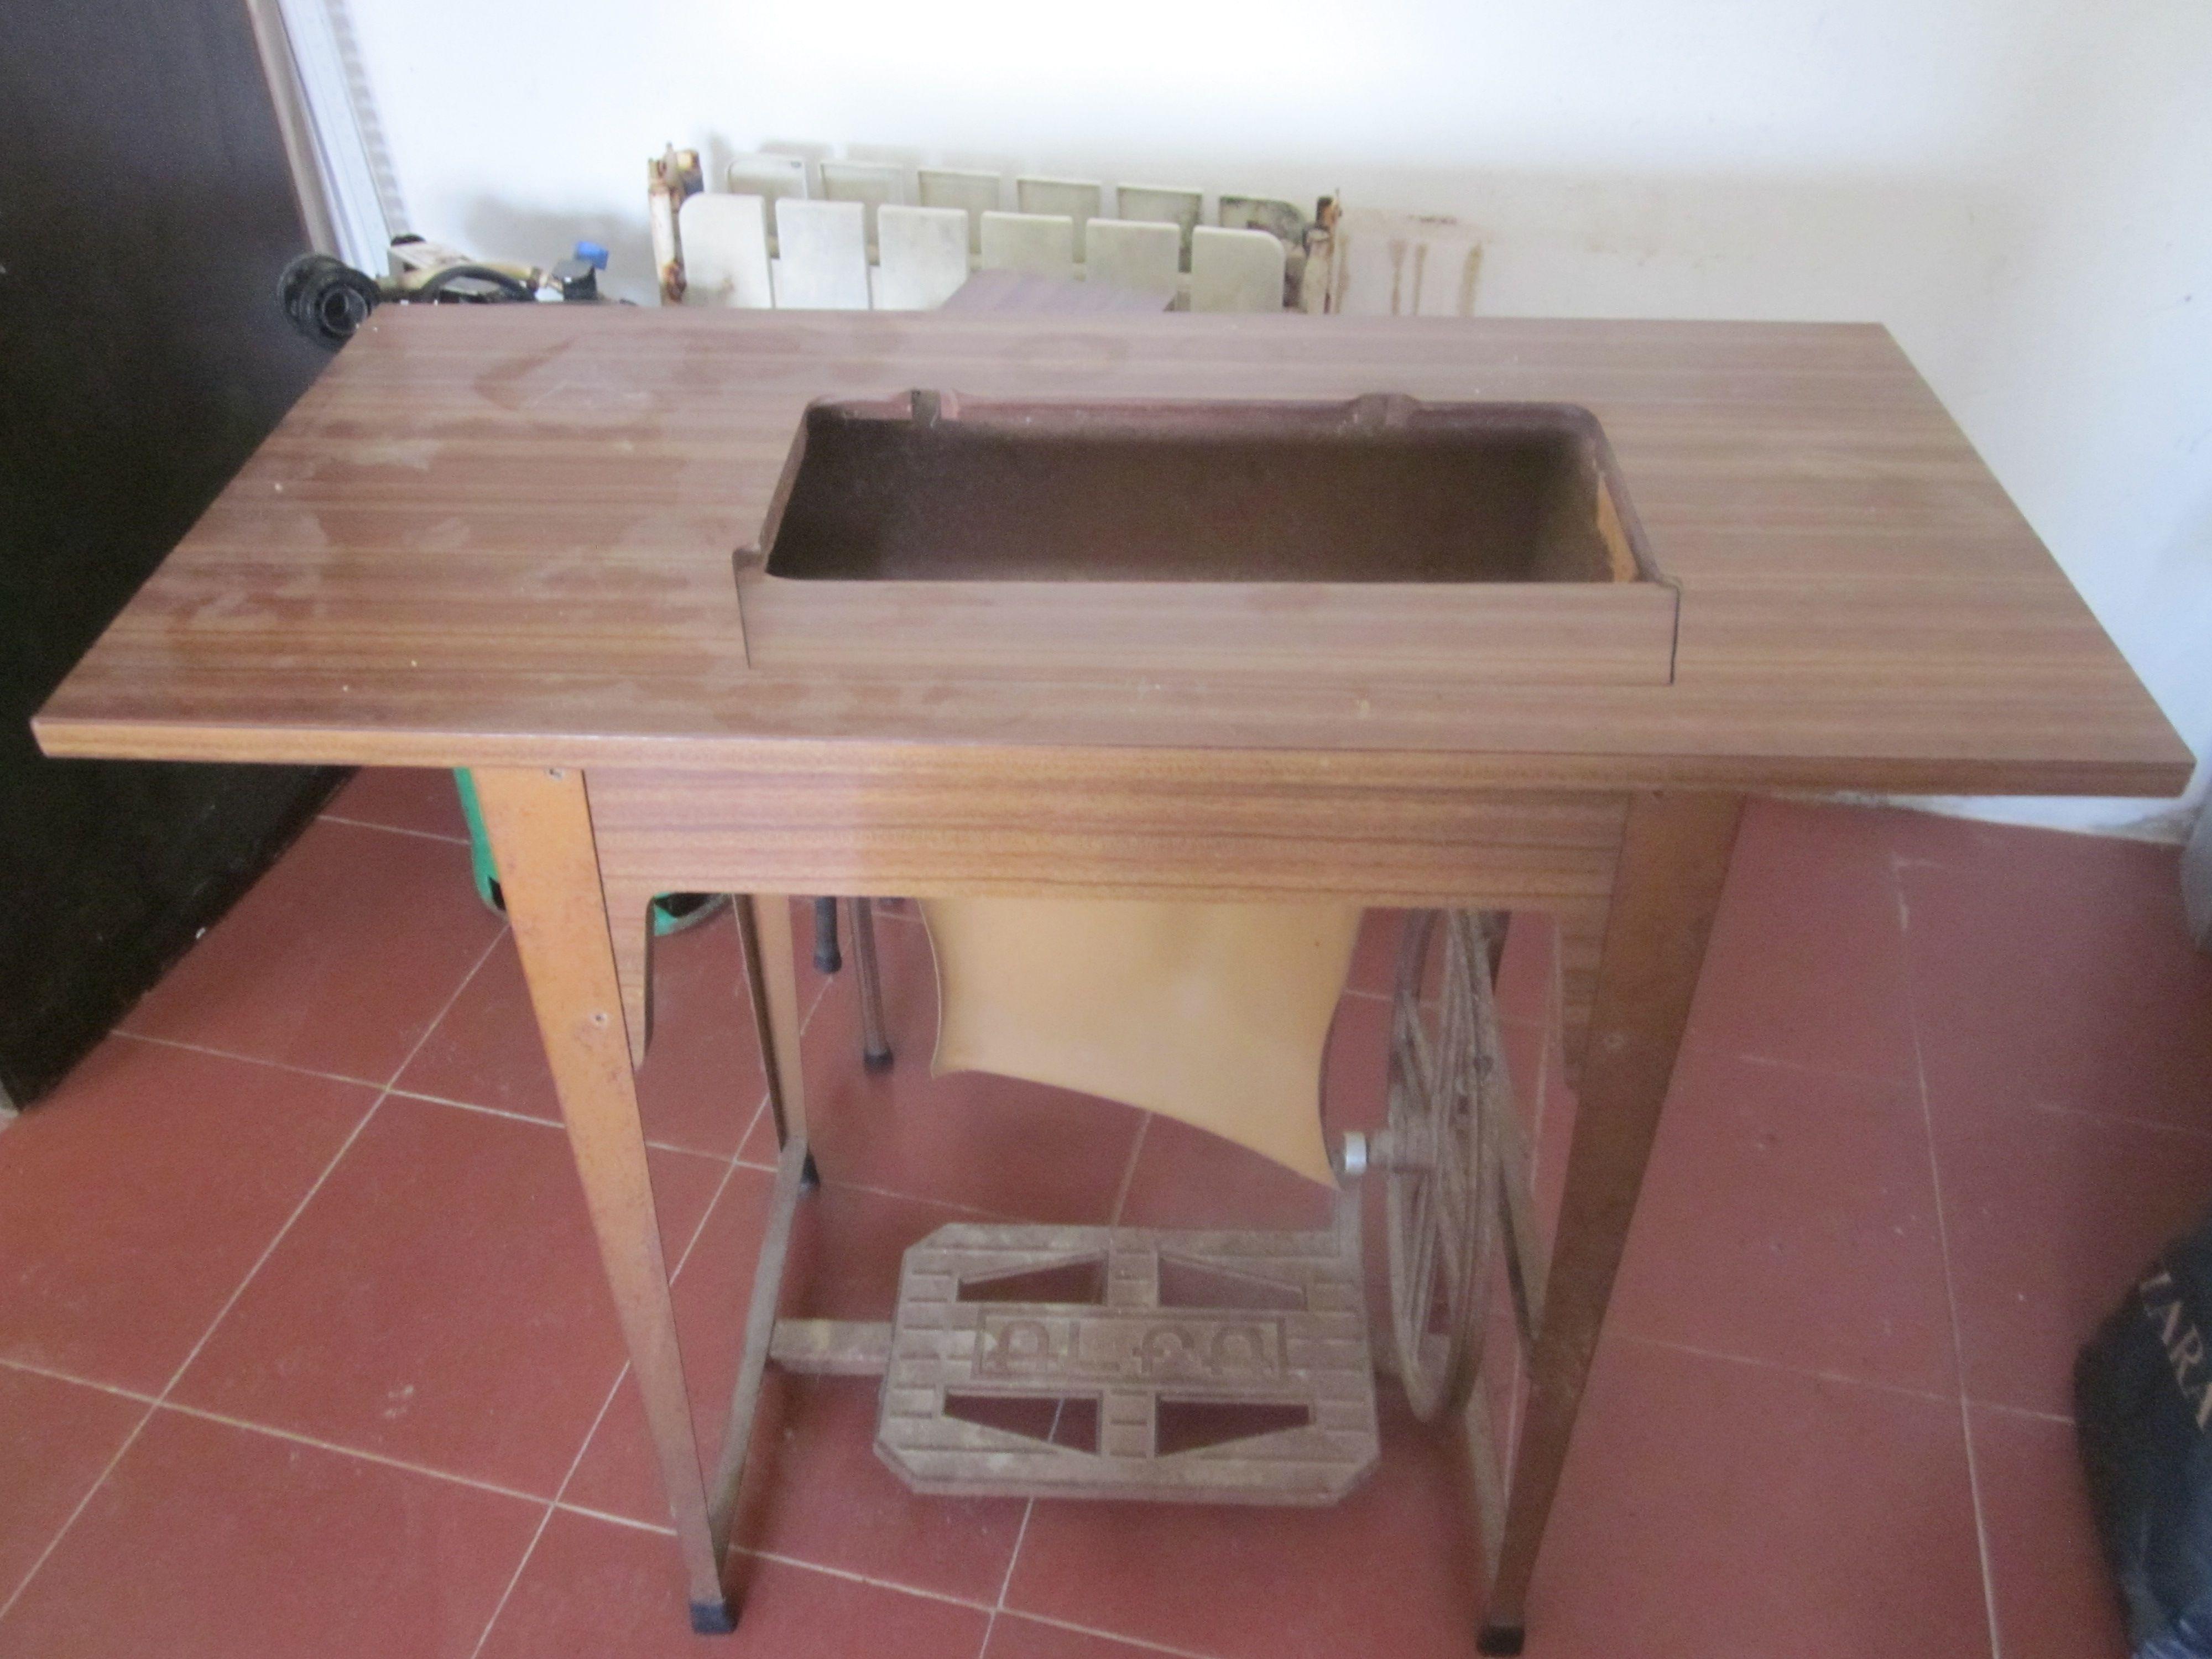 maquina de costura da mãe - antes